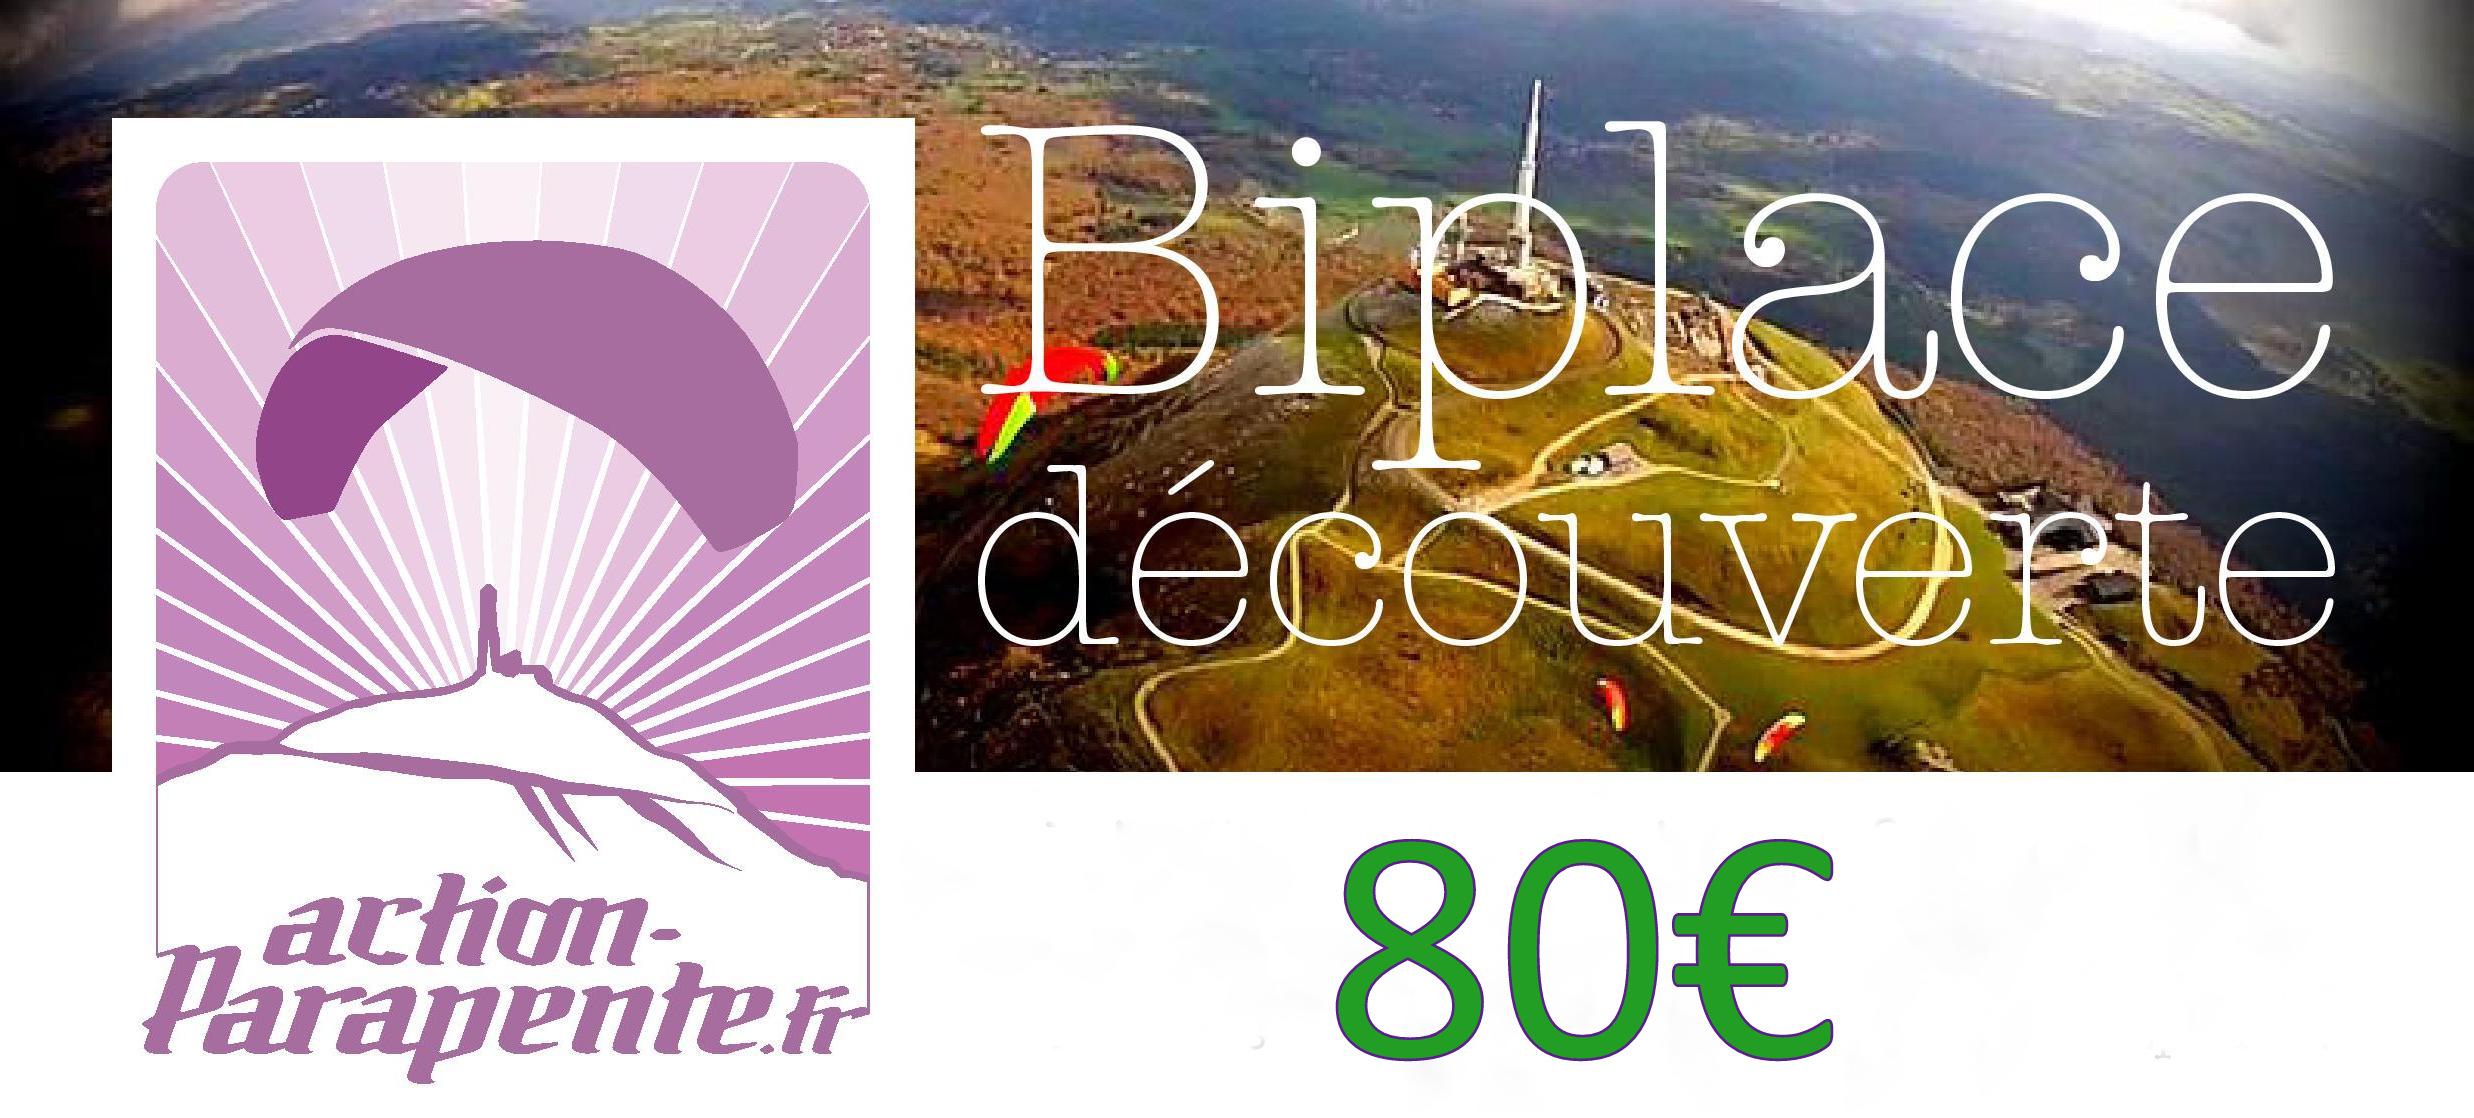 Vol biplace en parapente découverte dans le Puy-de-dôme.